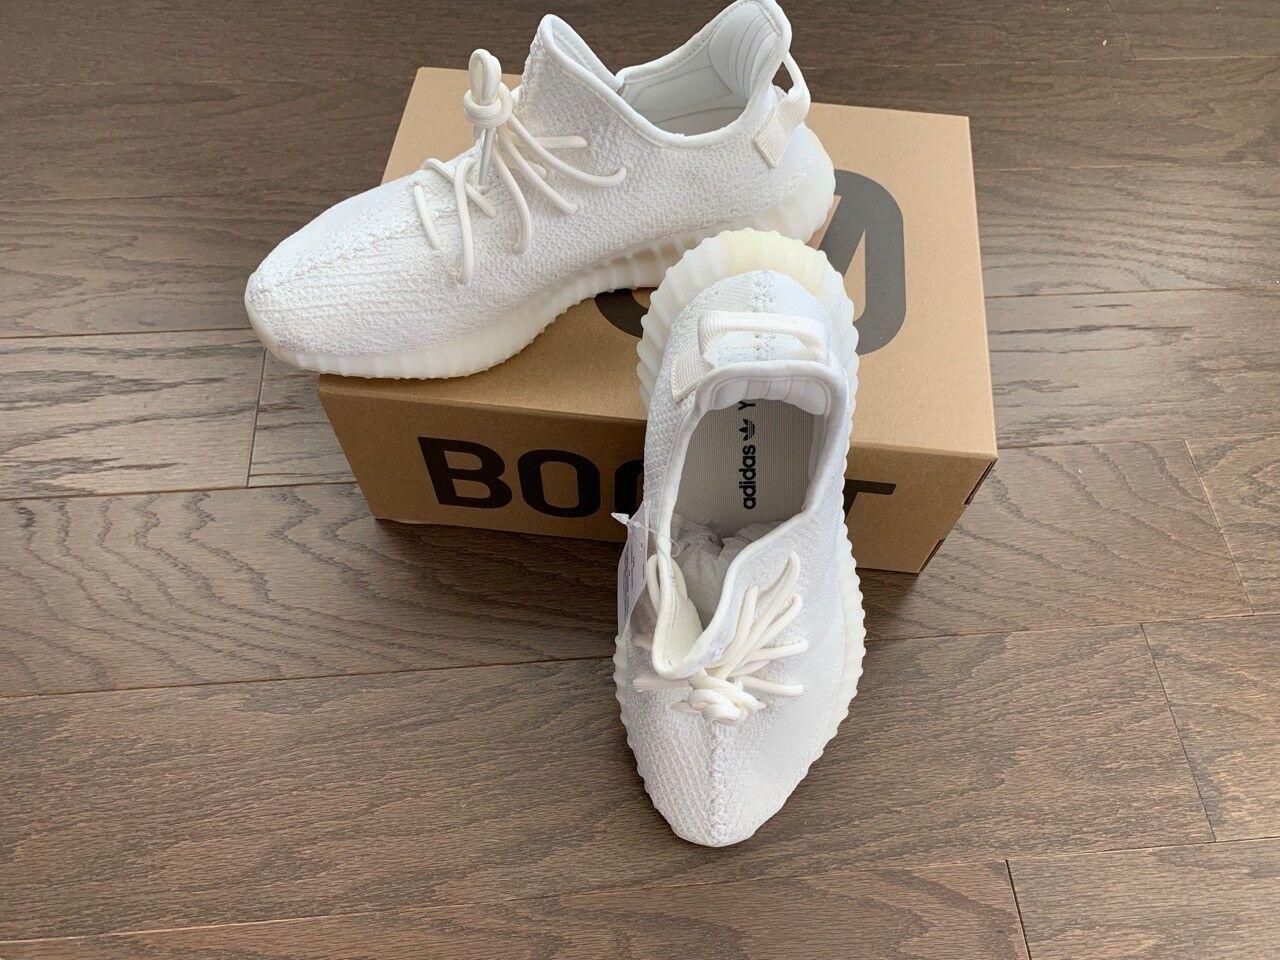 Neue adidas yeezy auftrieb 350 v2 triple weiße größe 10.bereit zum verschicken.cp9366